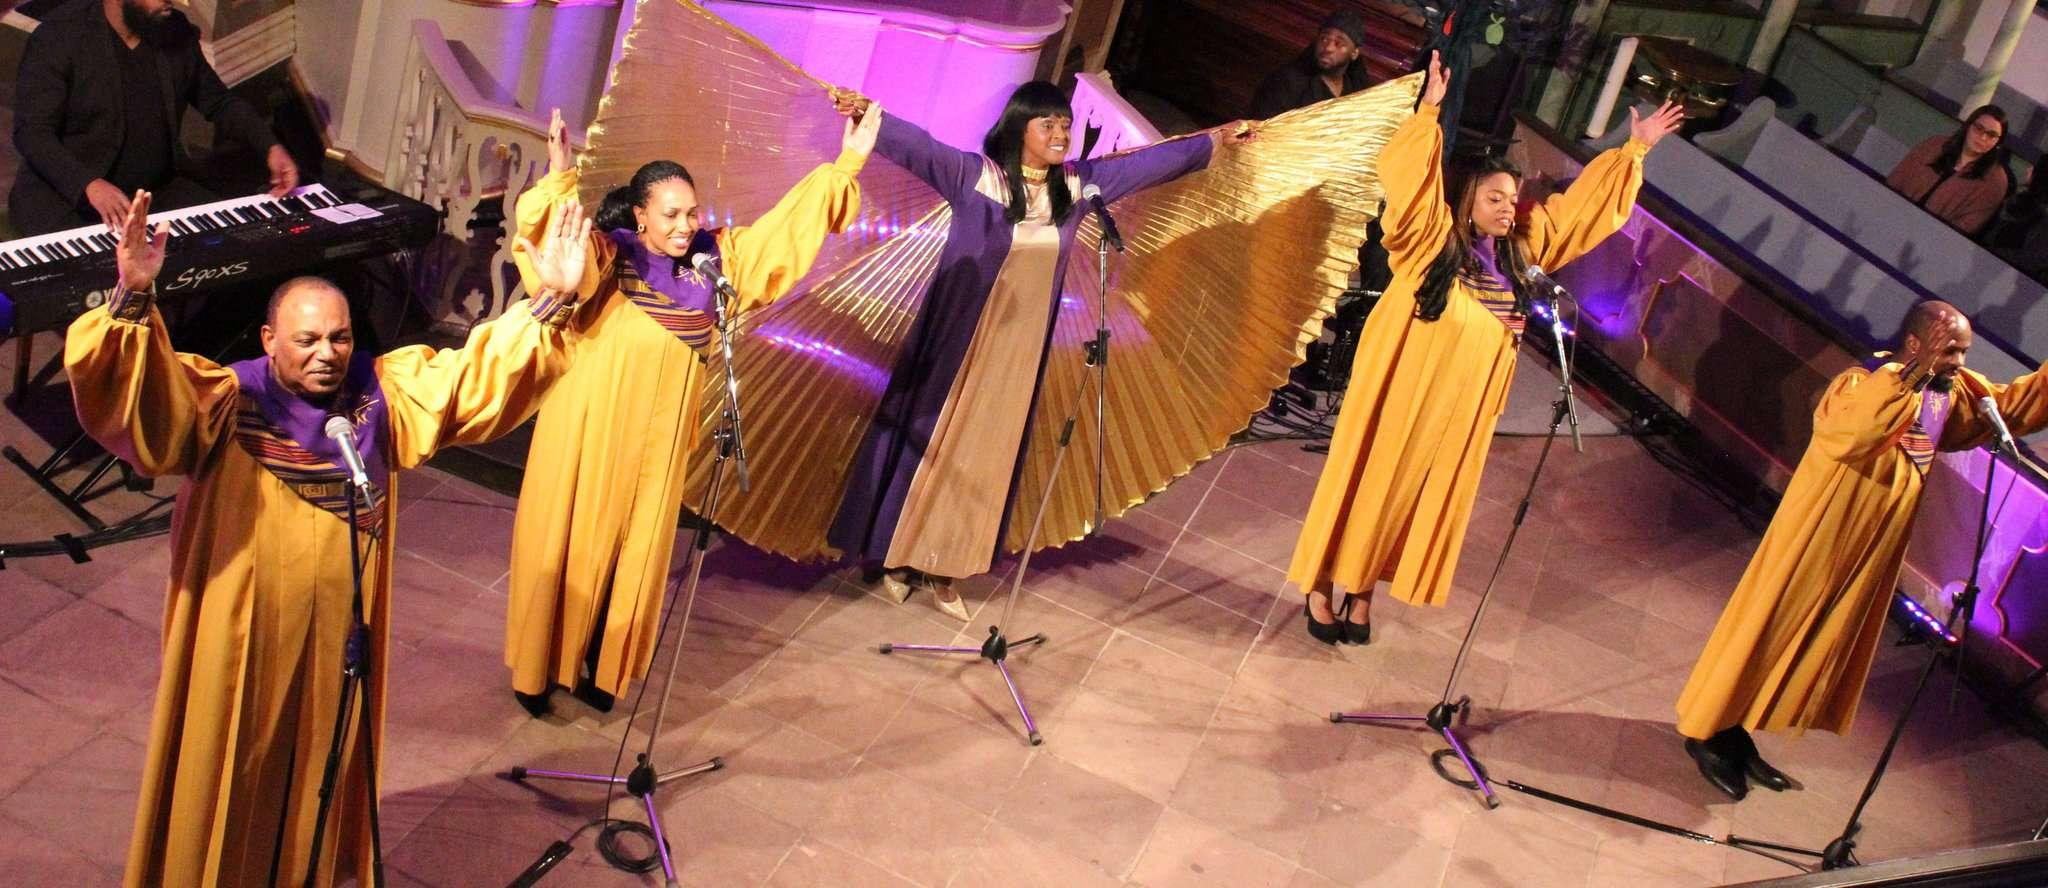 Rose Watson (Mitte) und ihre Black Gospel Angels kommen zu einem weiteren Konzert in die St.-Lucas-Kirche in Scheeßel. Archivfoto: Ann-Christin Beims